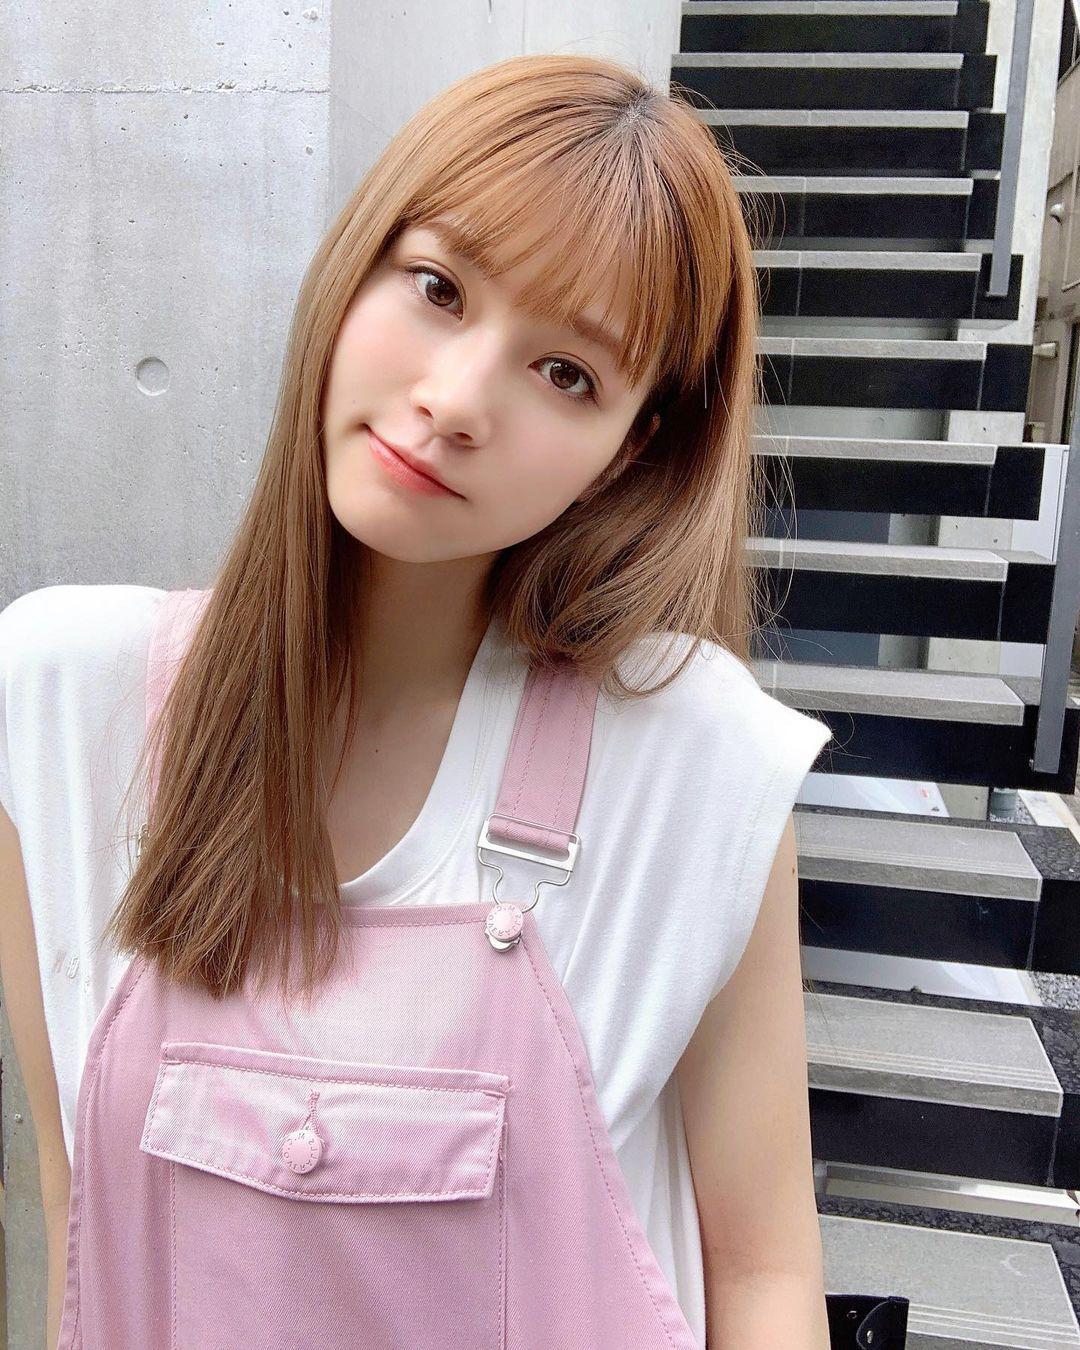 名古屋最可爱中学生生见爱瑠神级颜值美到让人窒息 网络美女 第3张